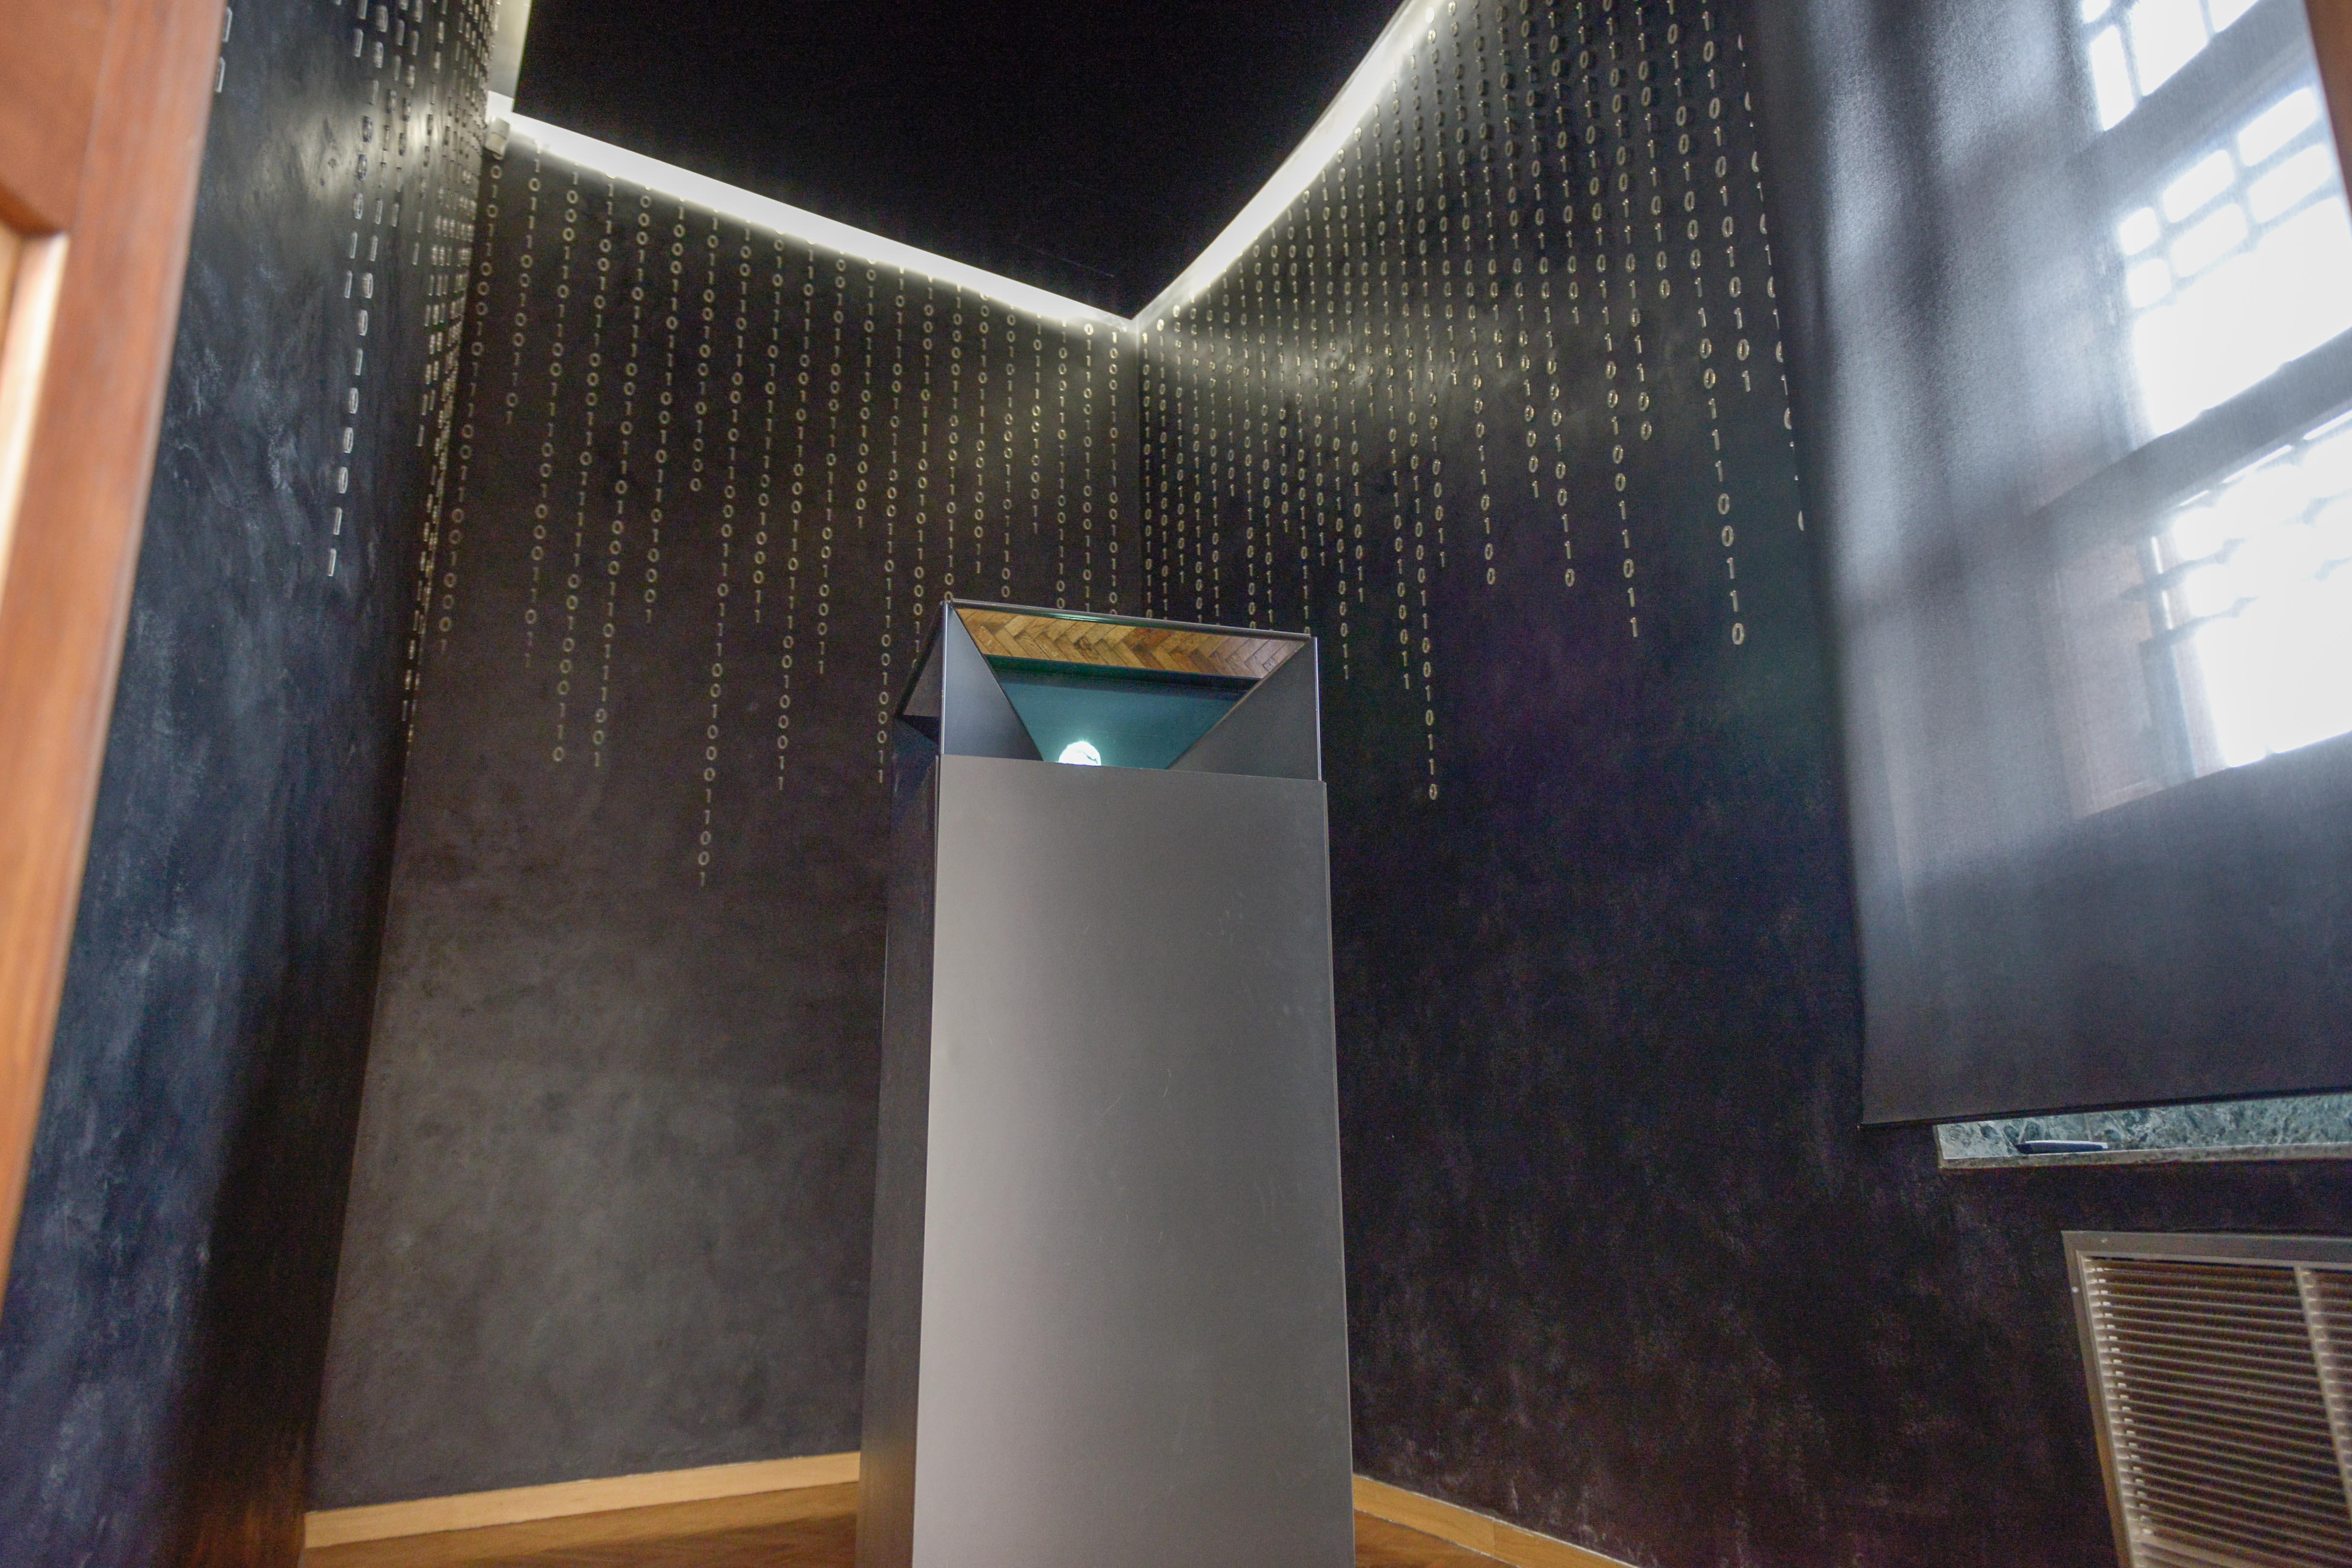 Hologram Chamber